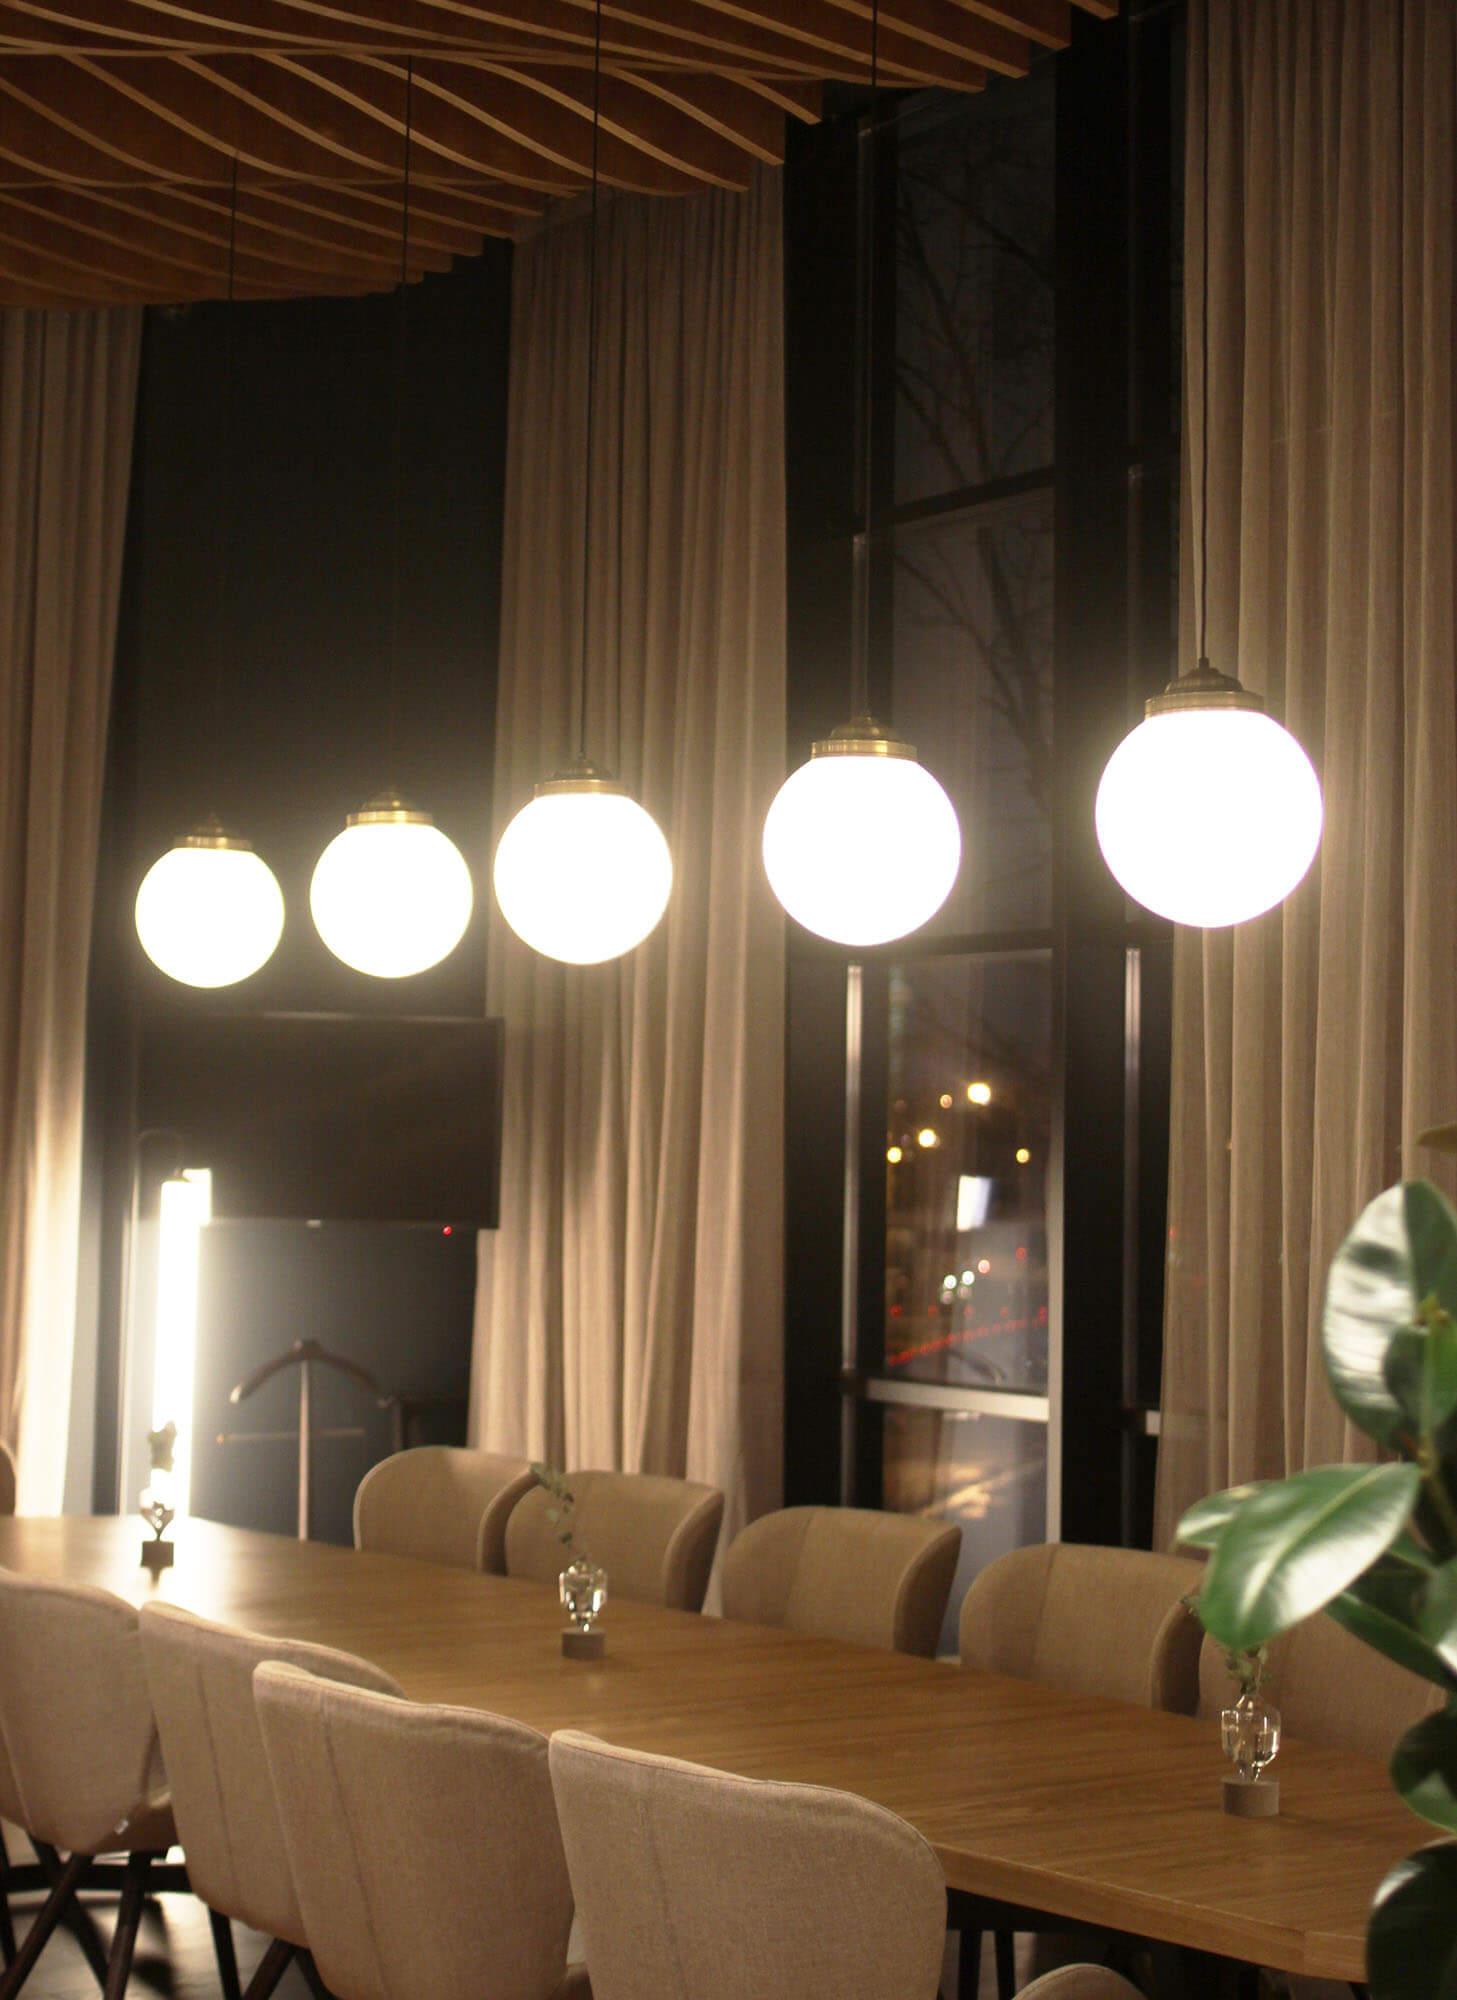 Светильники-шары ресторан Hamster